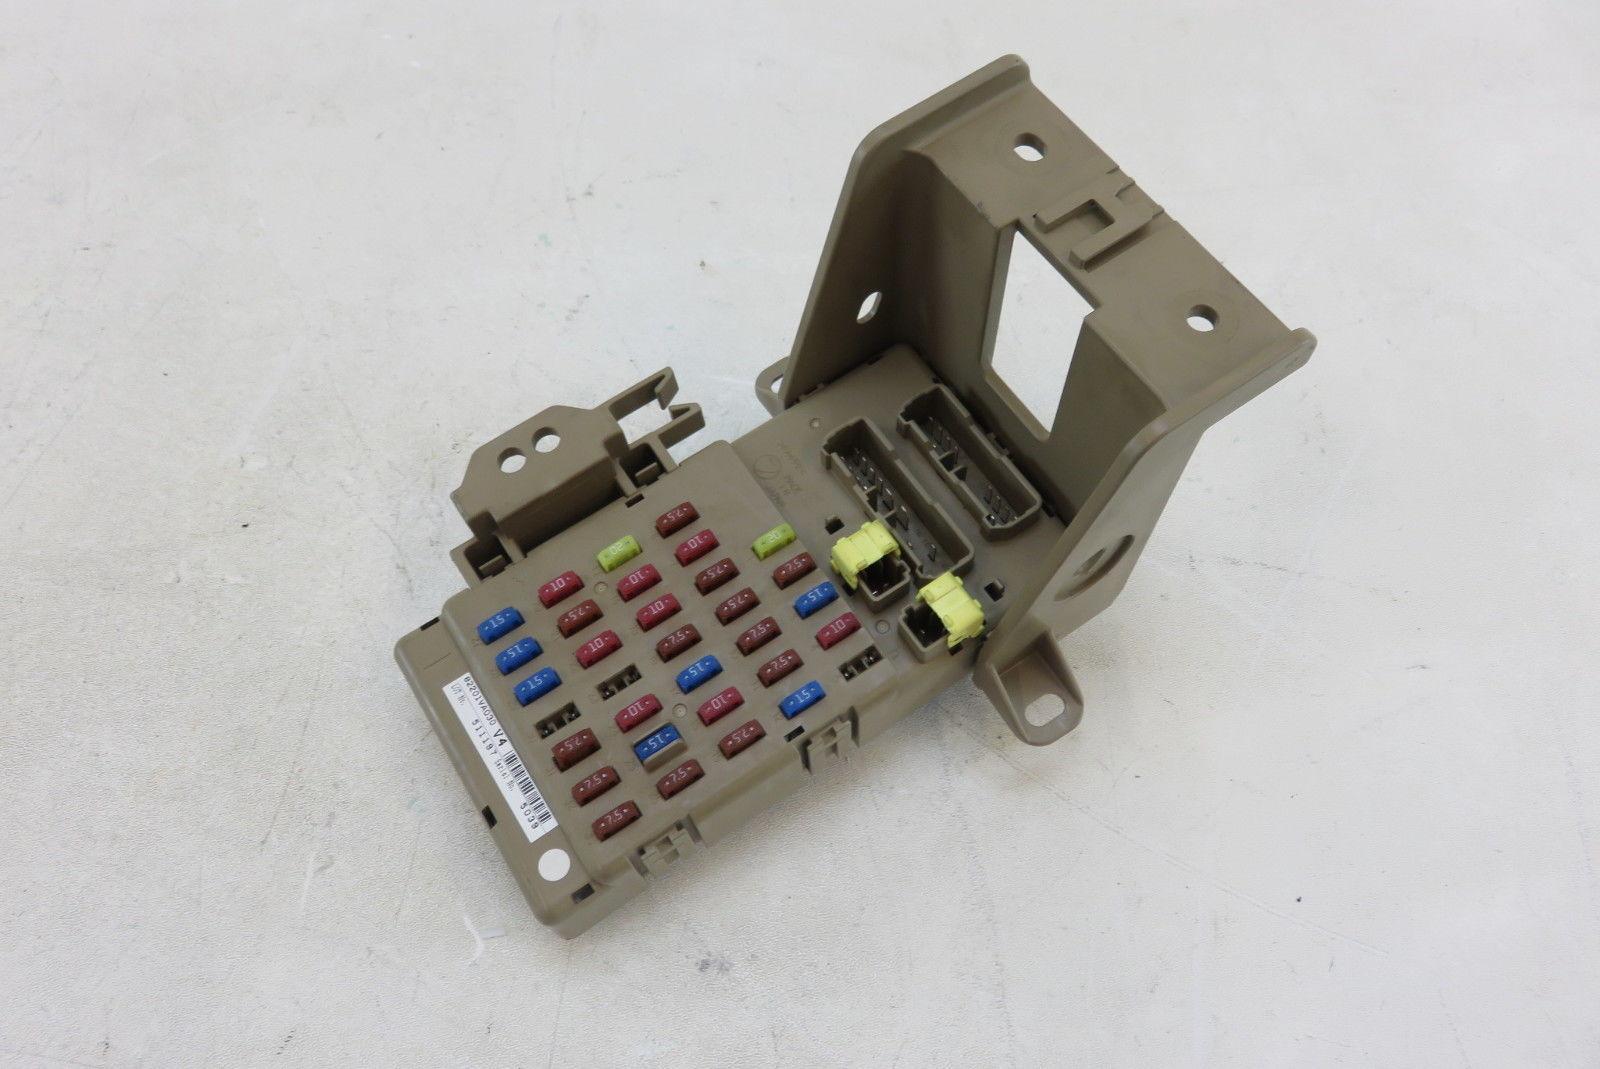 S l1600. S l1600. Subaru WRX Sti 15-17 fuse box ...